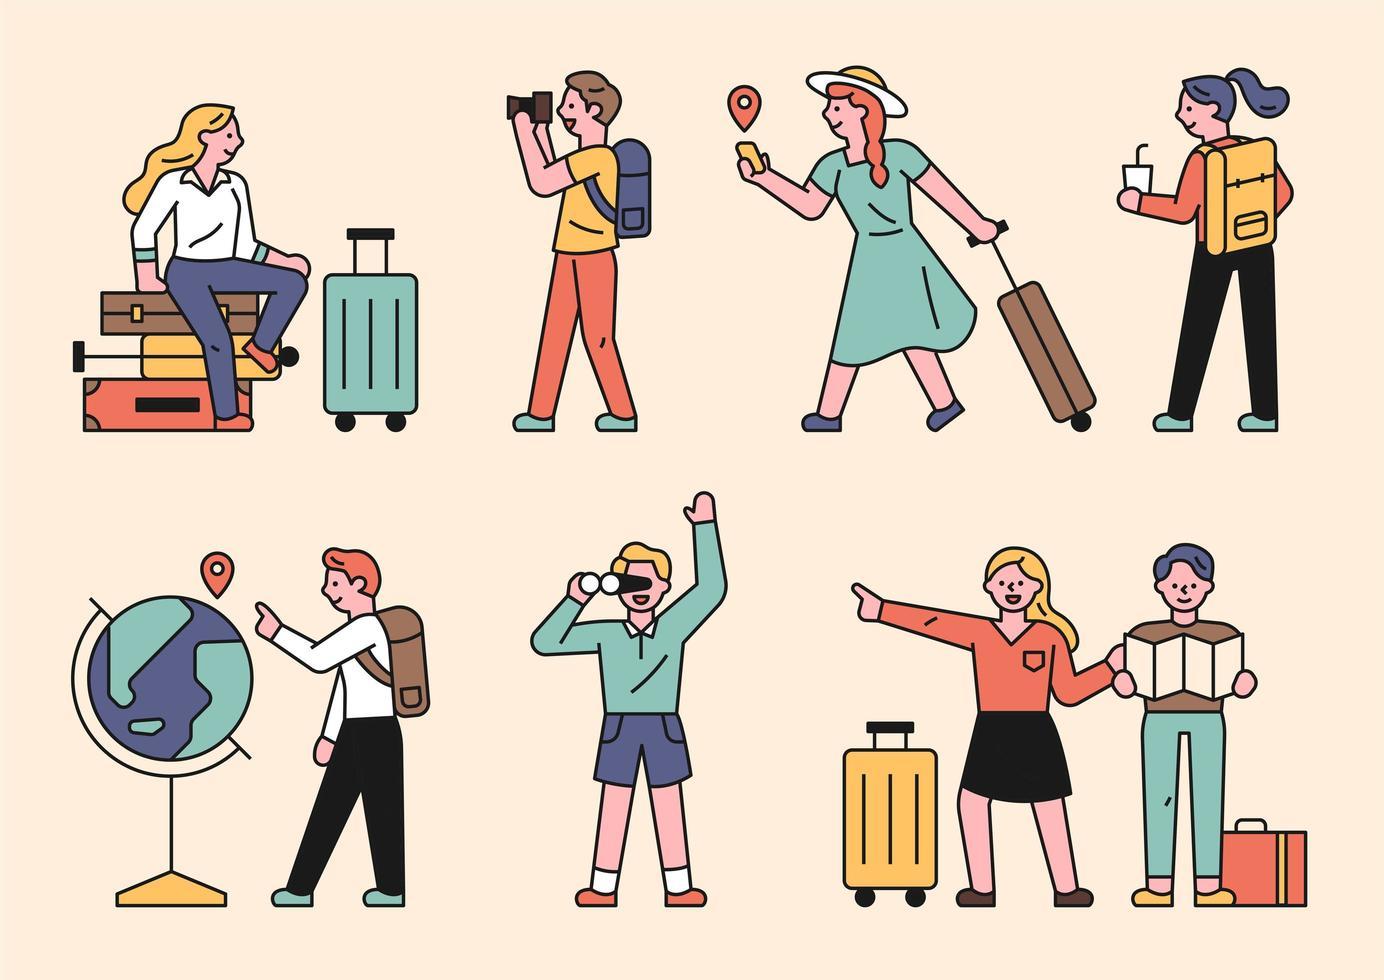 mensen die met koffers sightseeing doen. vector